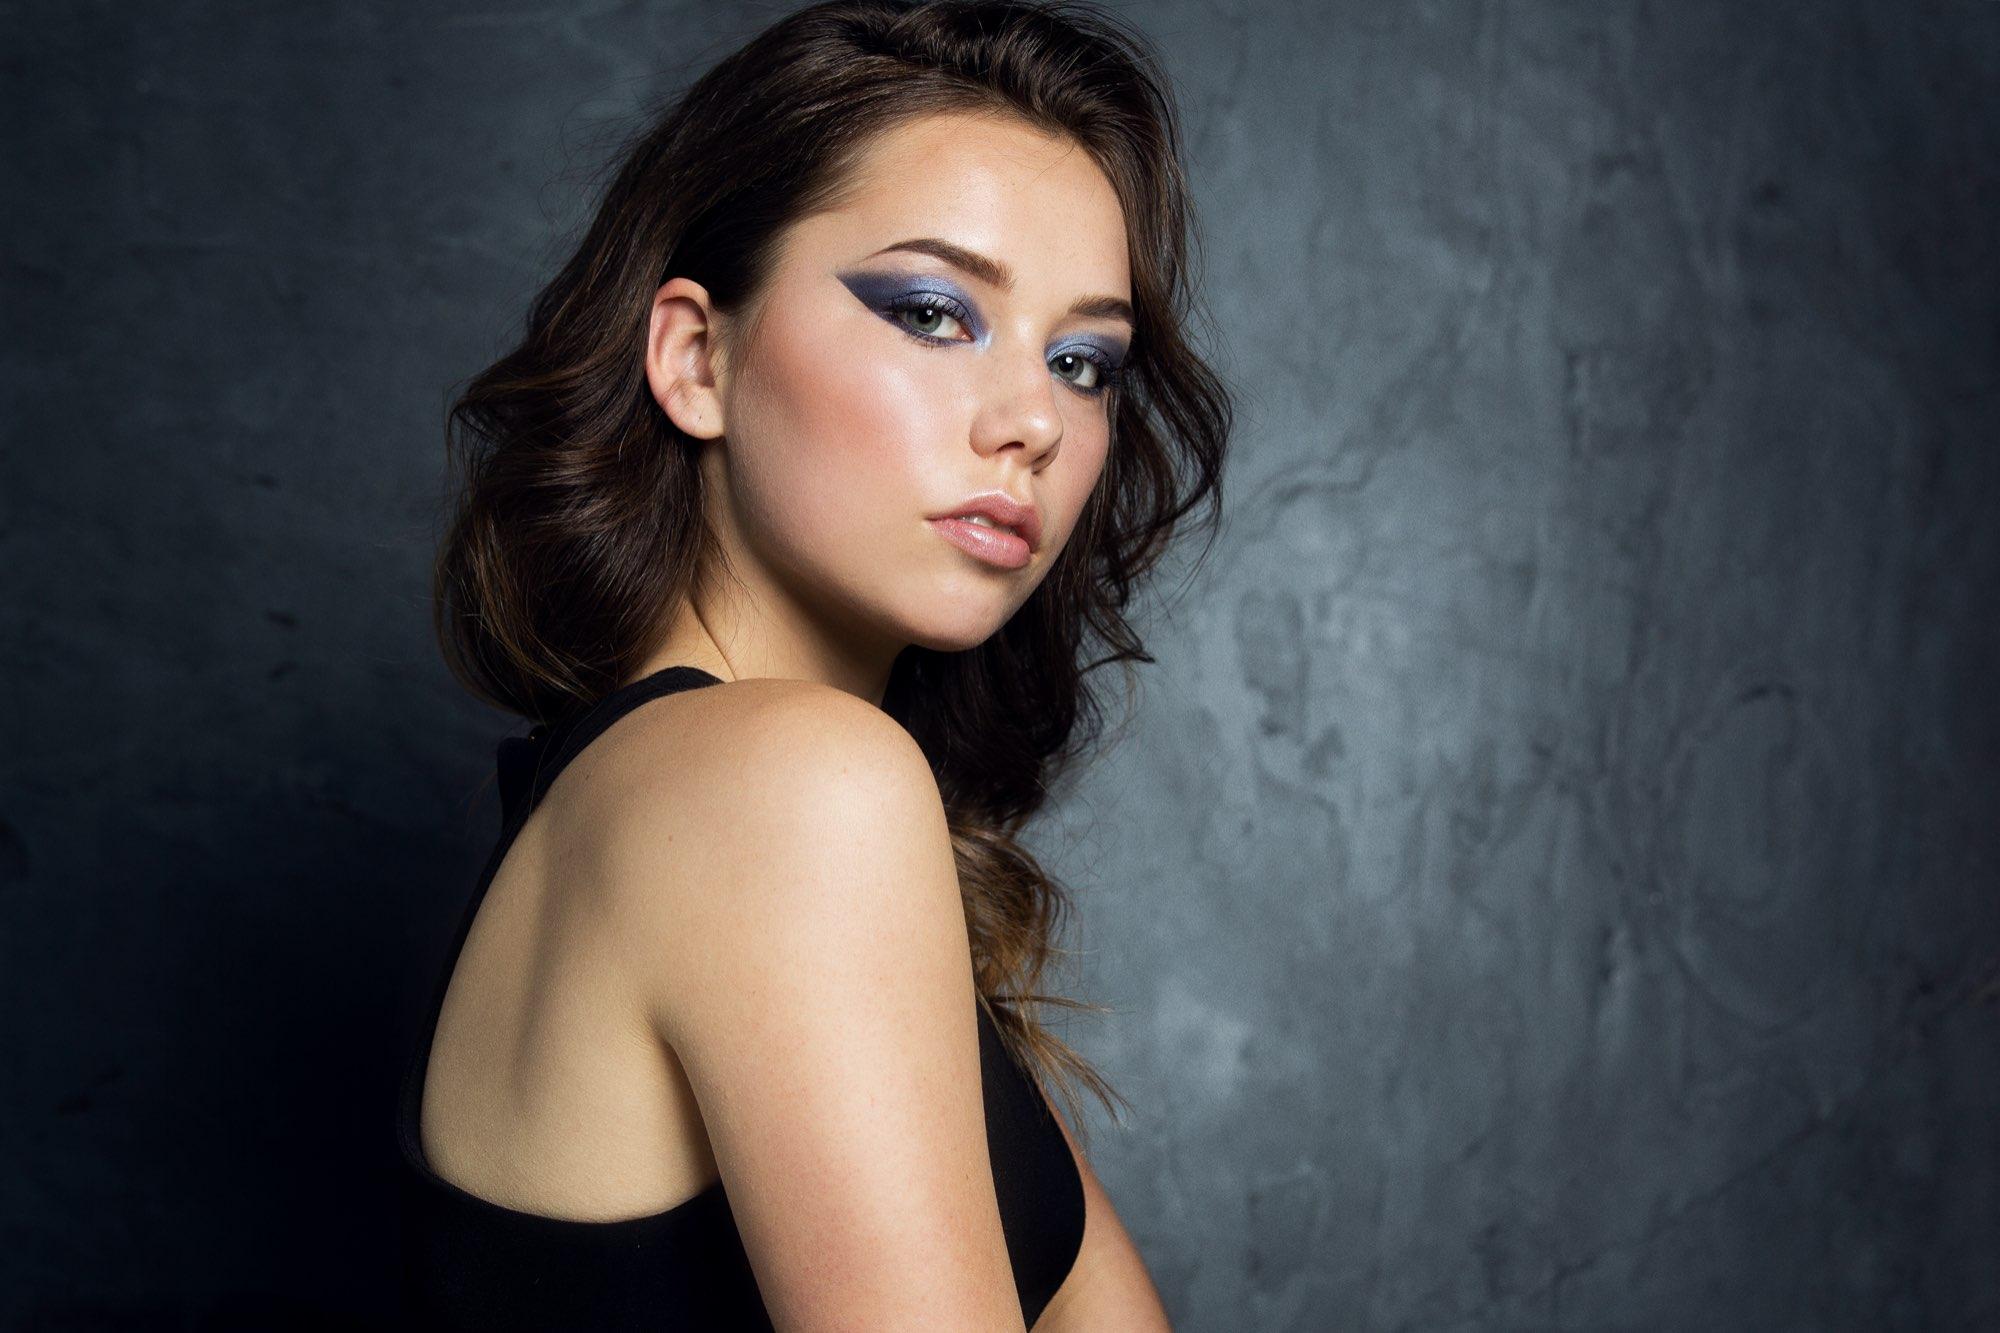 Bild zum Make up & Fashion Blog - dramatischer-cateyes-look--ID14541-1.jpeg?v=1588673787